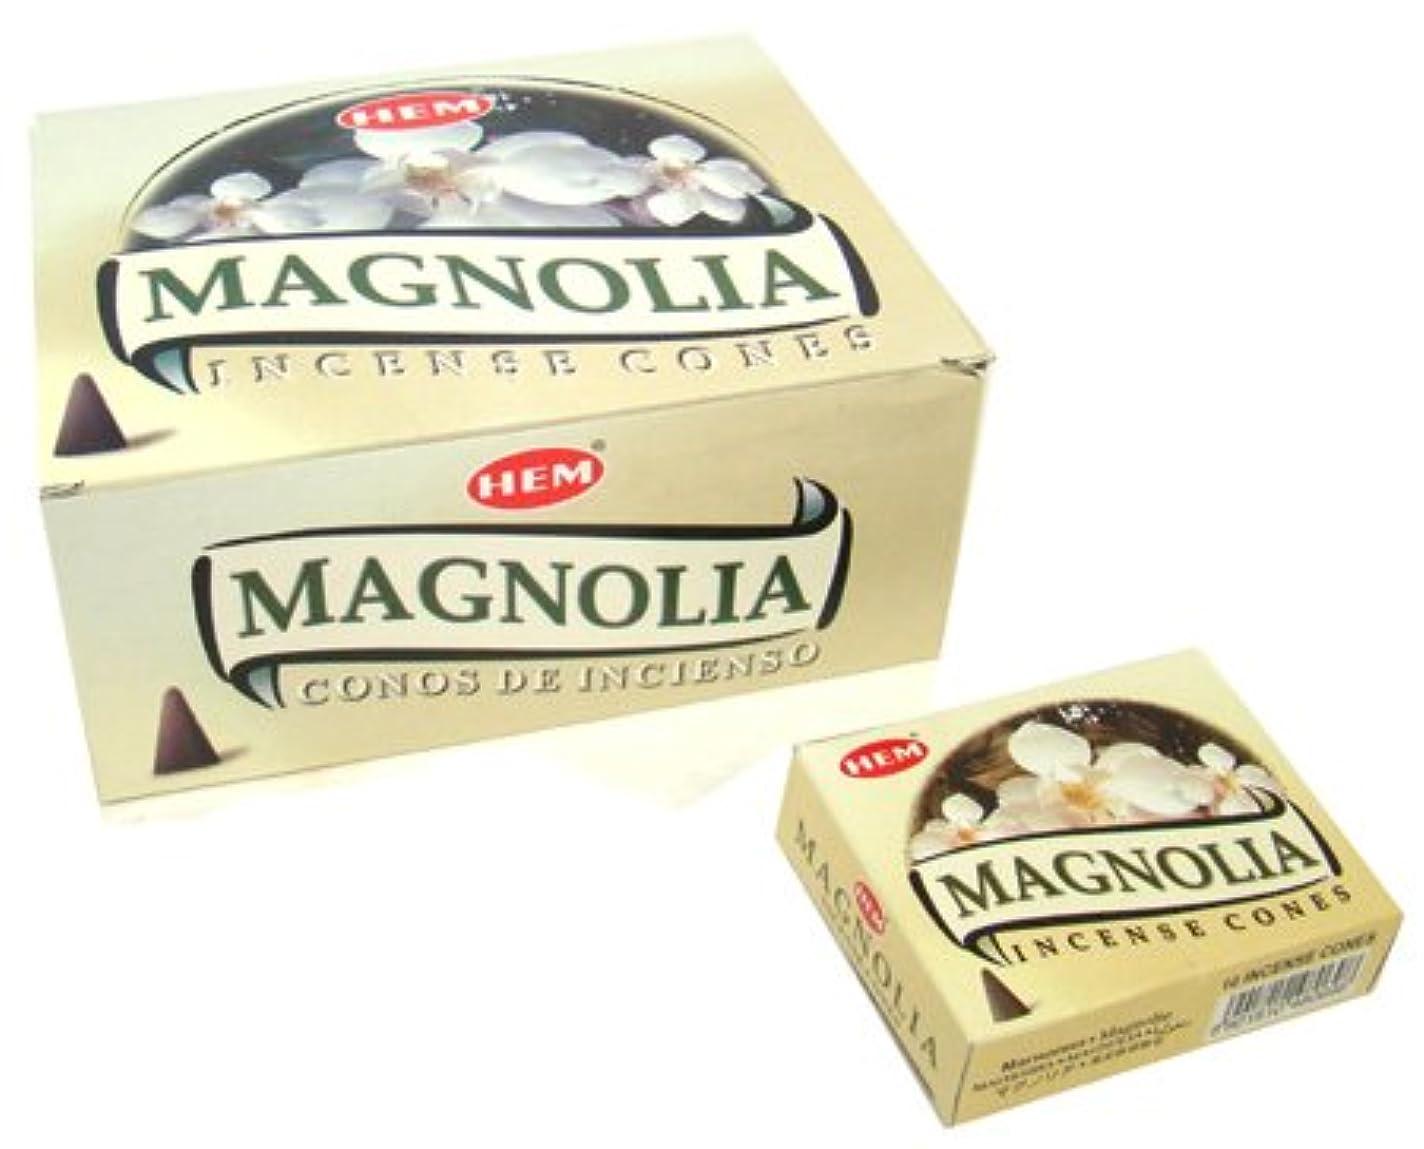 大いに憧れ鳴り響くHEM(ヘム) マグノリア香 コーンタイプ MAGNOLIA CORN 12箱セット